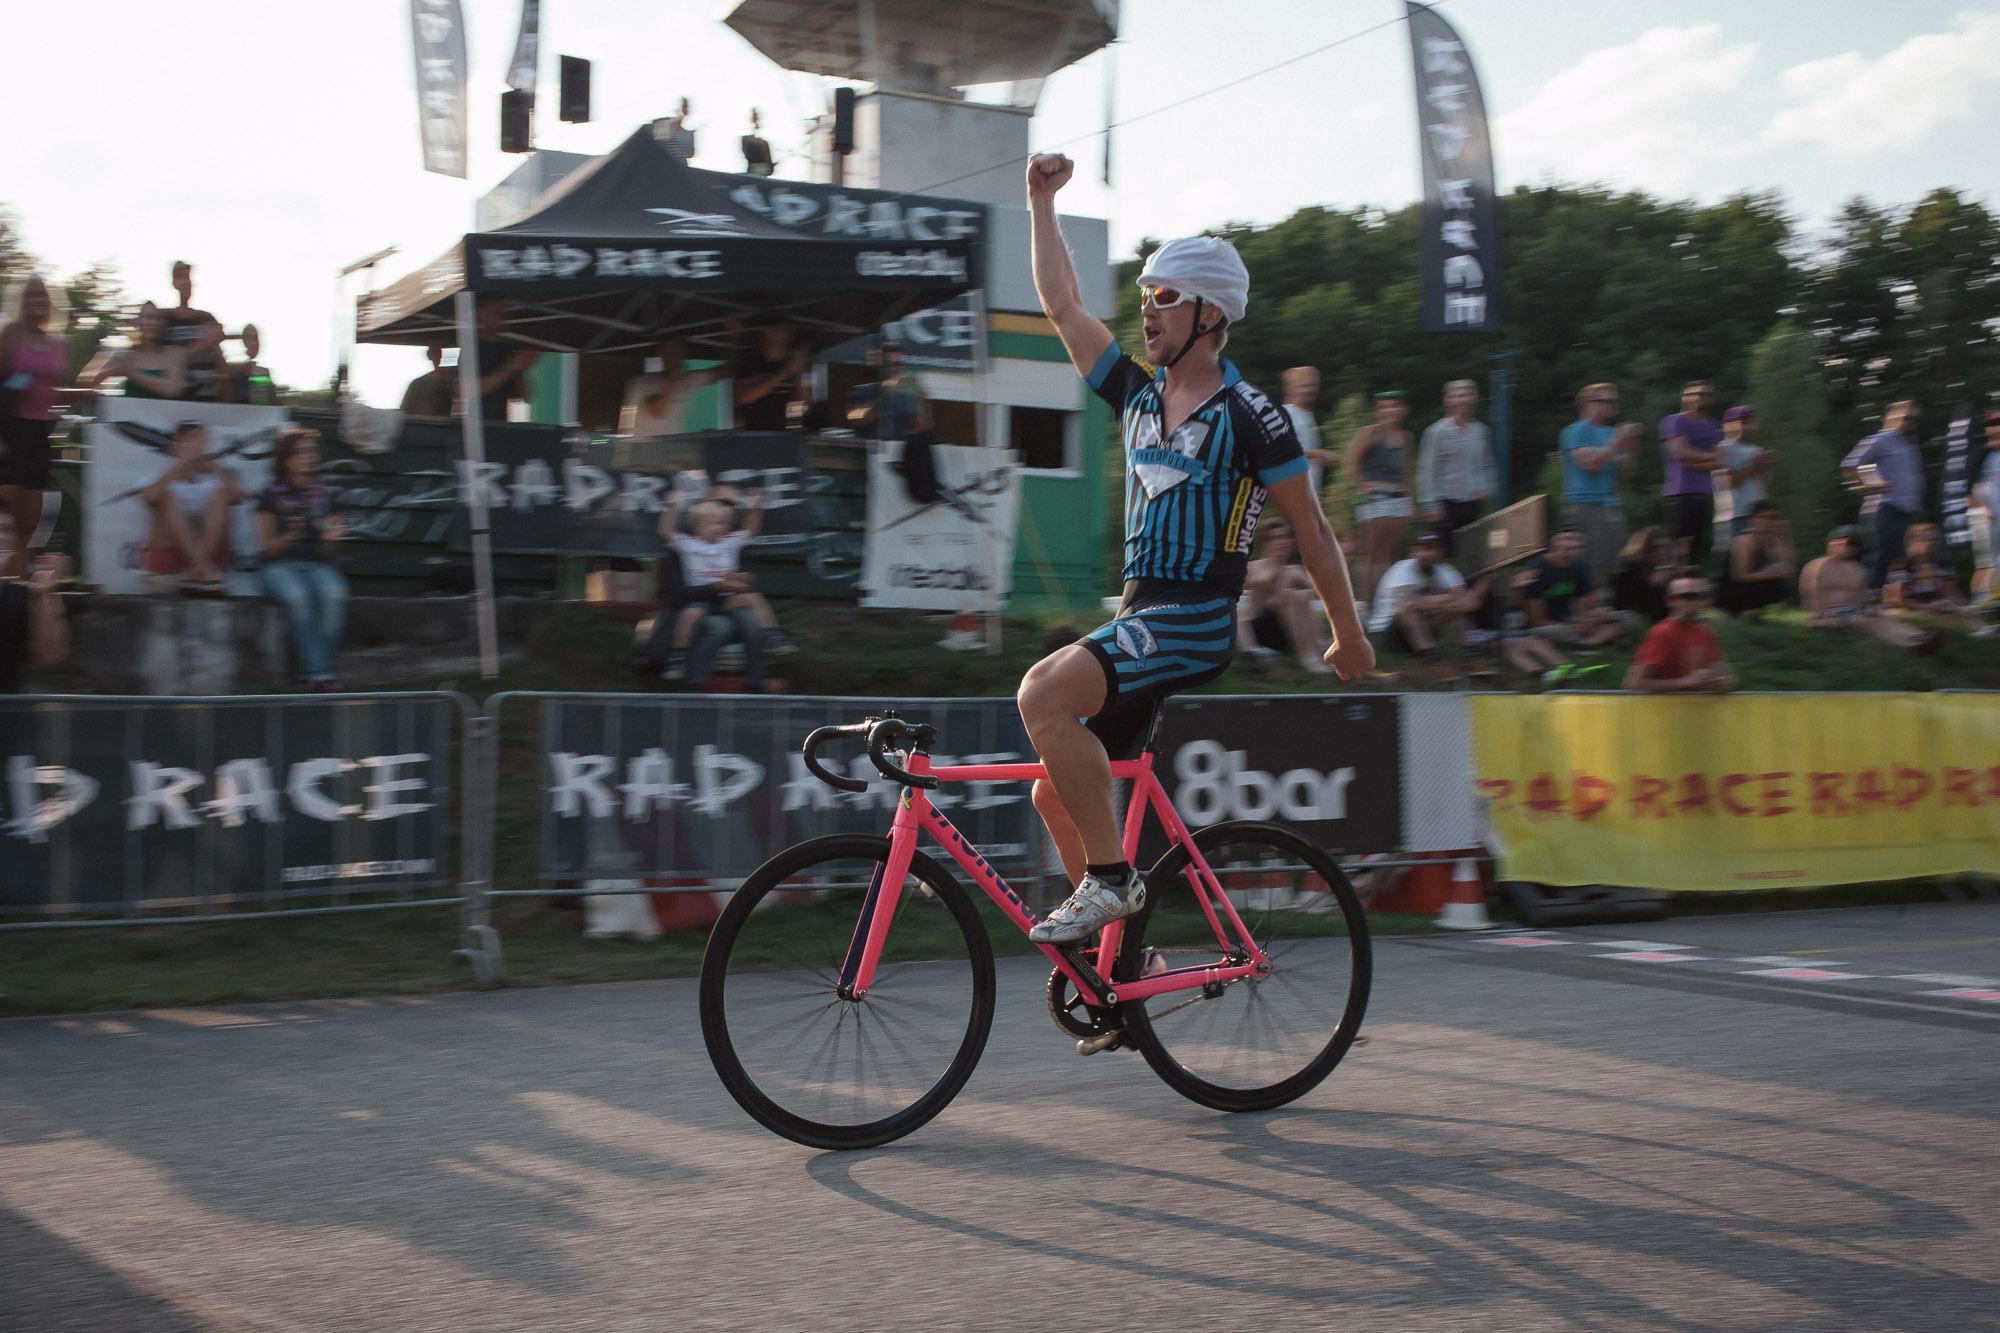 RAD RACE Last Man Standing Heidbergring 140809 Pic by Stefan Haehnel : recentlie.com_10.jpg